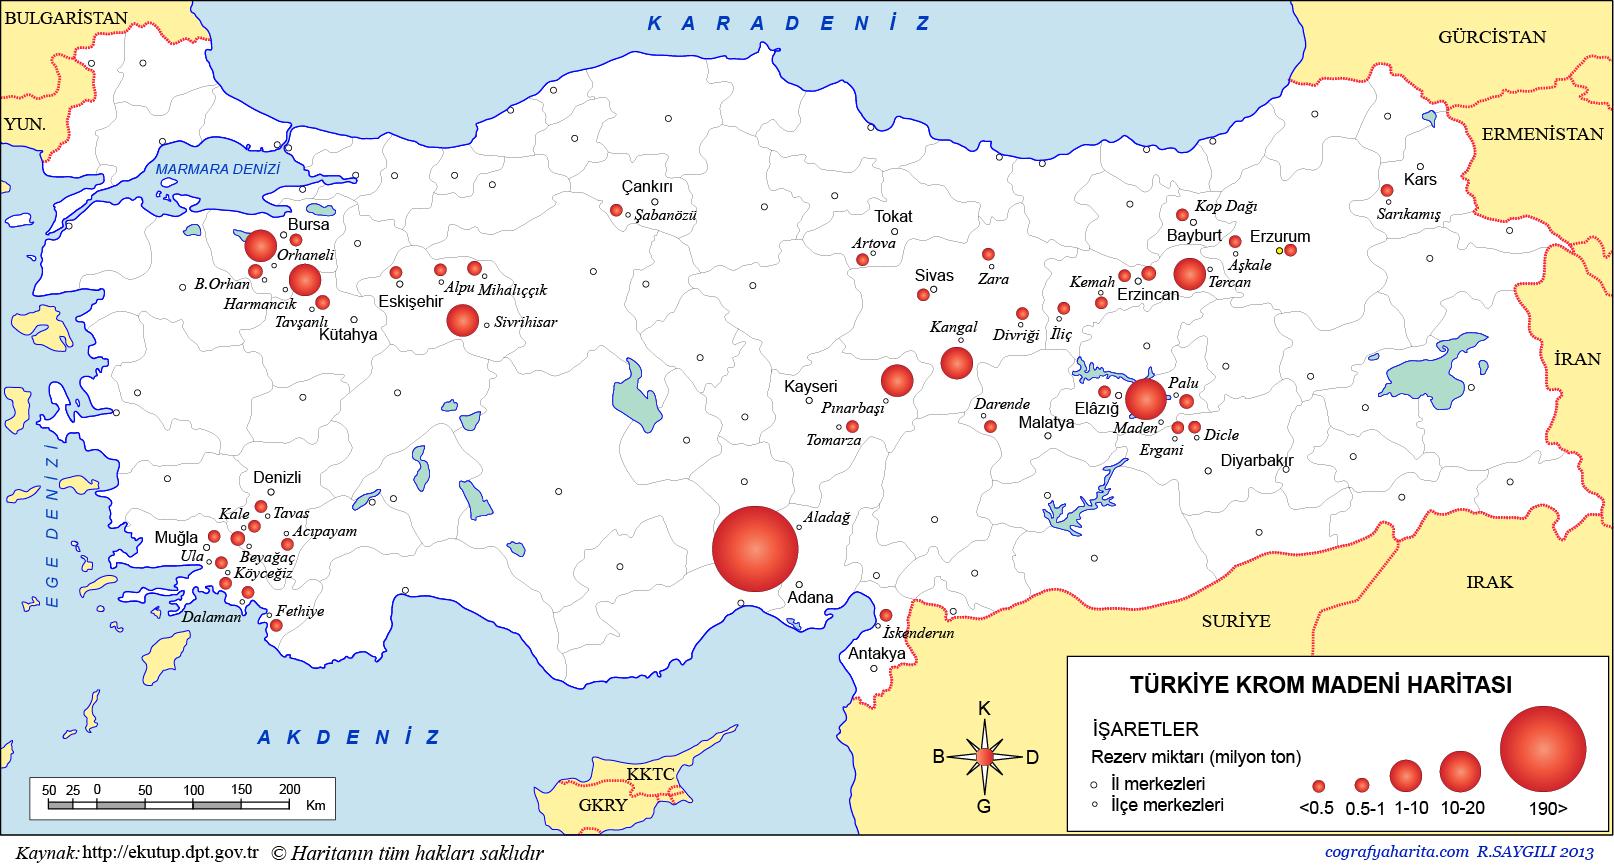 Türkiye Krom Madeni Haritası